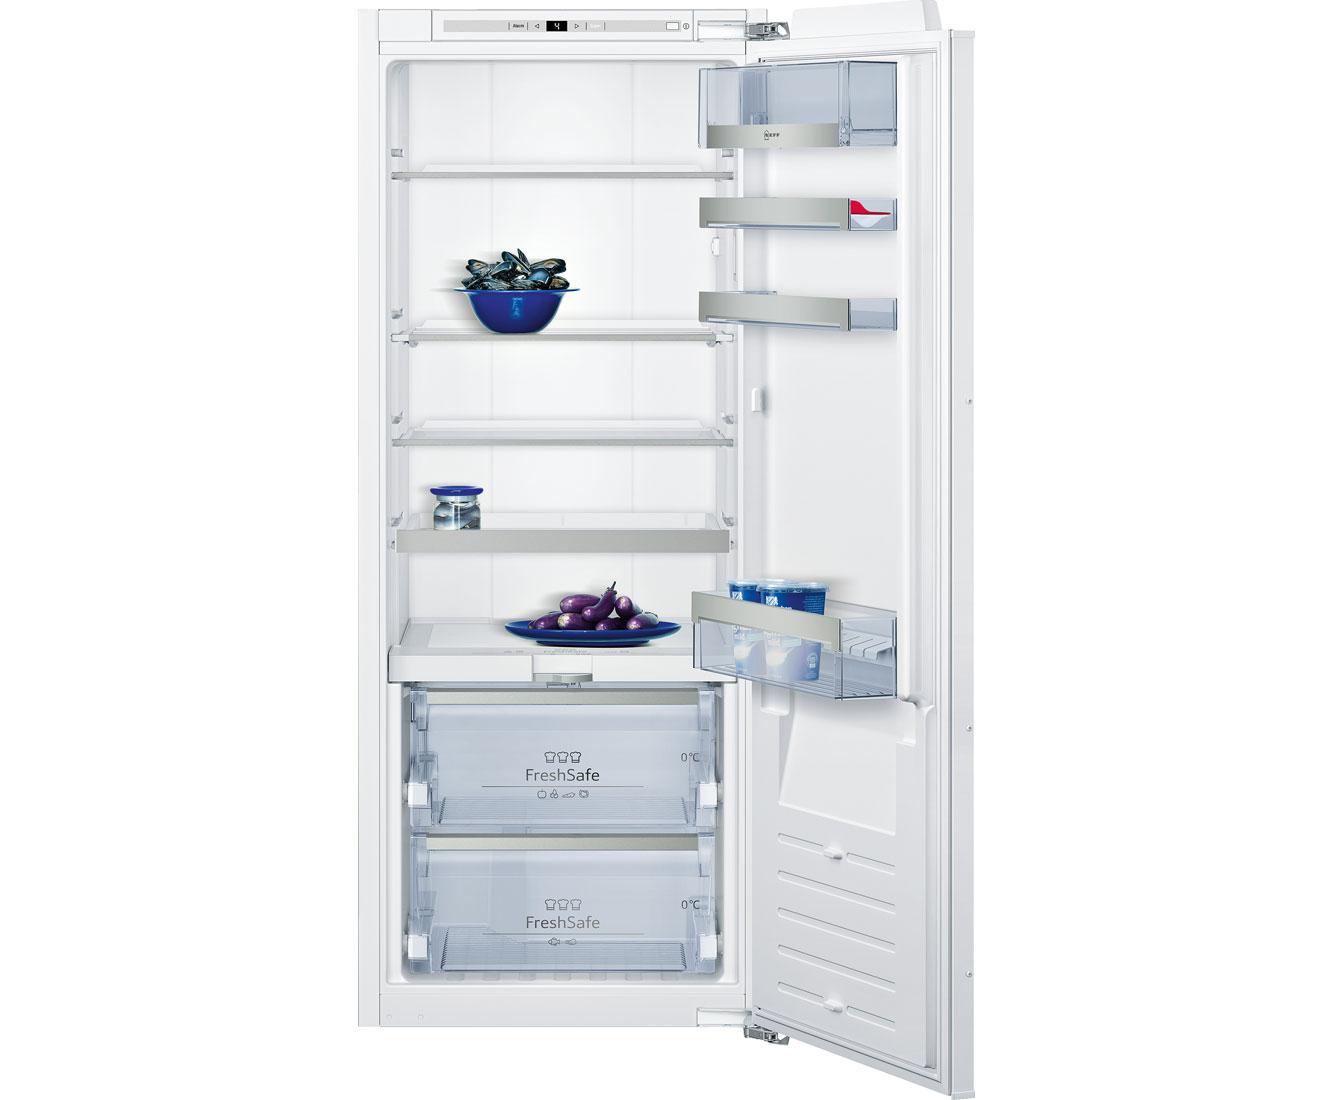 Gorenje Kühlschrank Ventilator Schalter : Rabatt preisvergleich weiße ware u e kühlen gefrieren u e kühlschrank